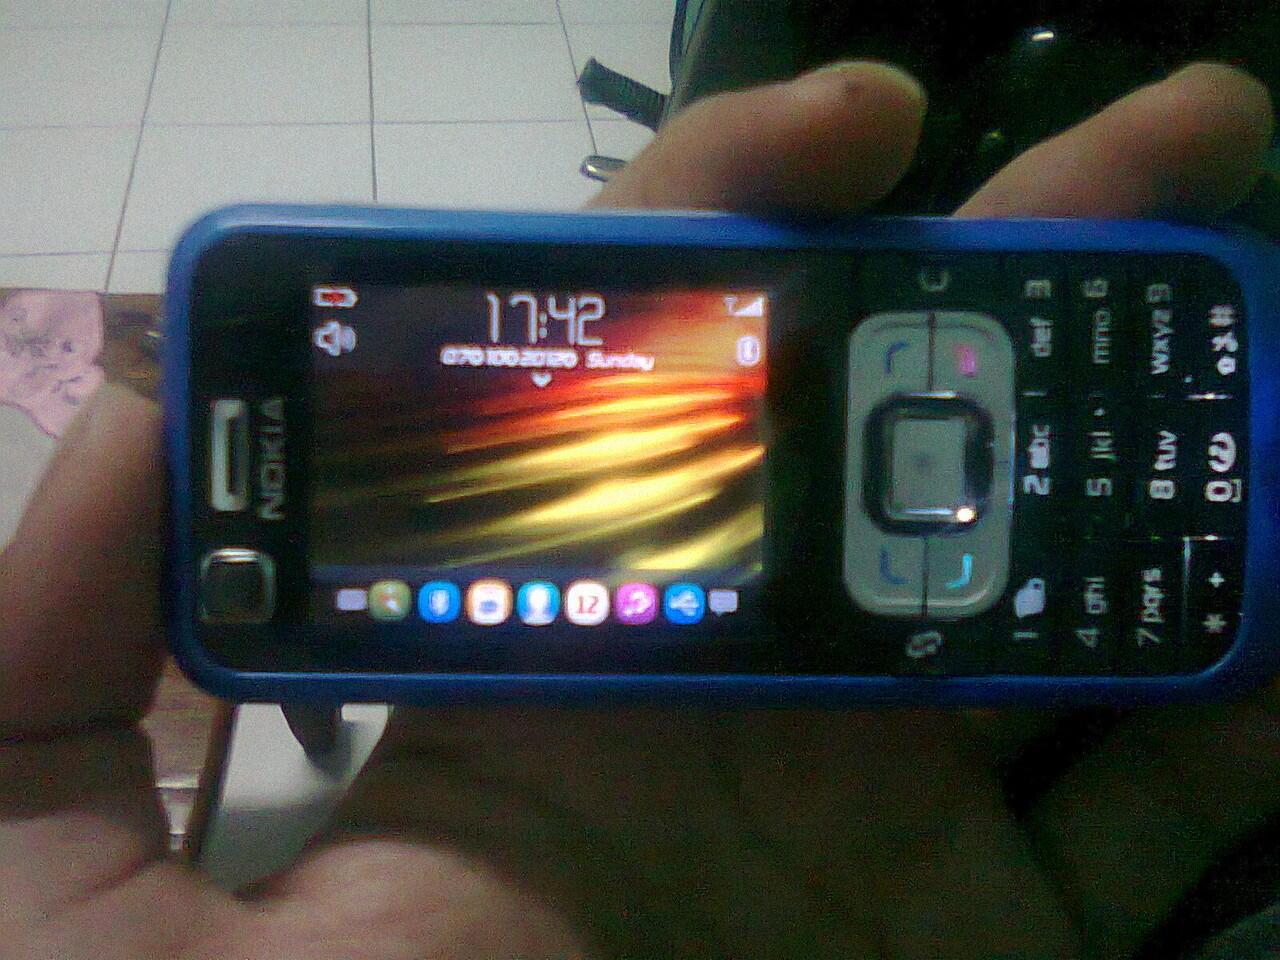 Repost WTS Nokia 6120c bekasi banyak bonus + pict